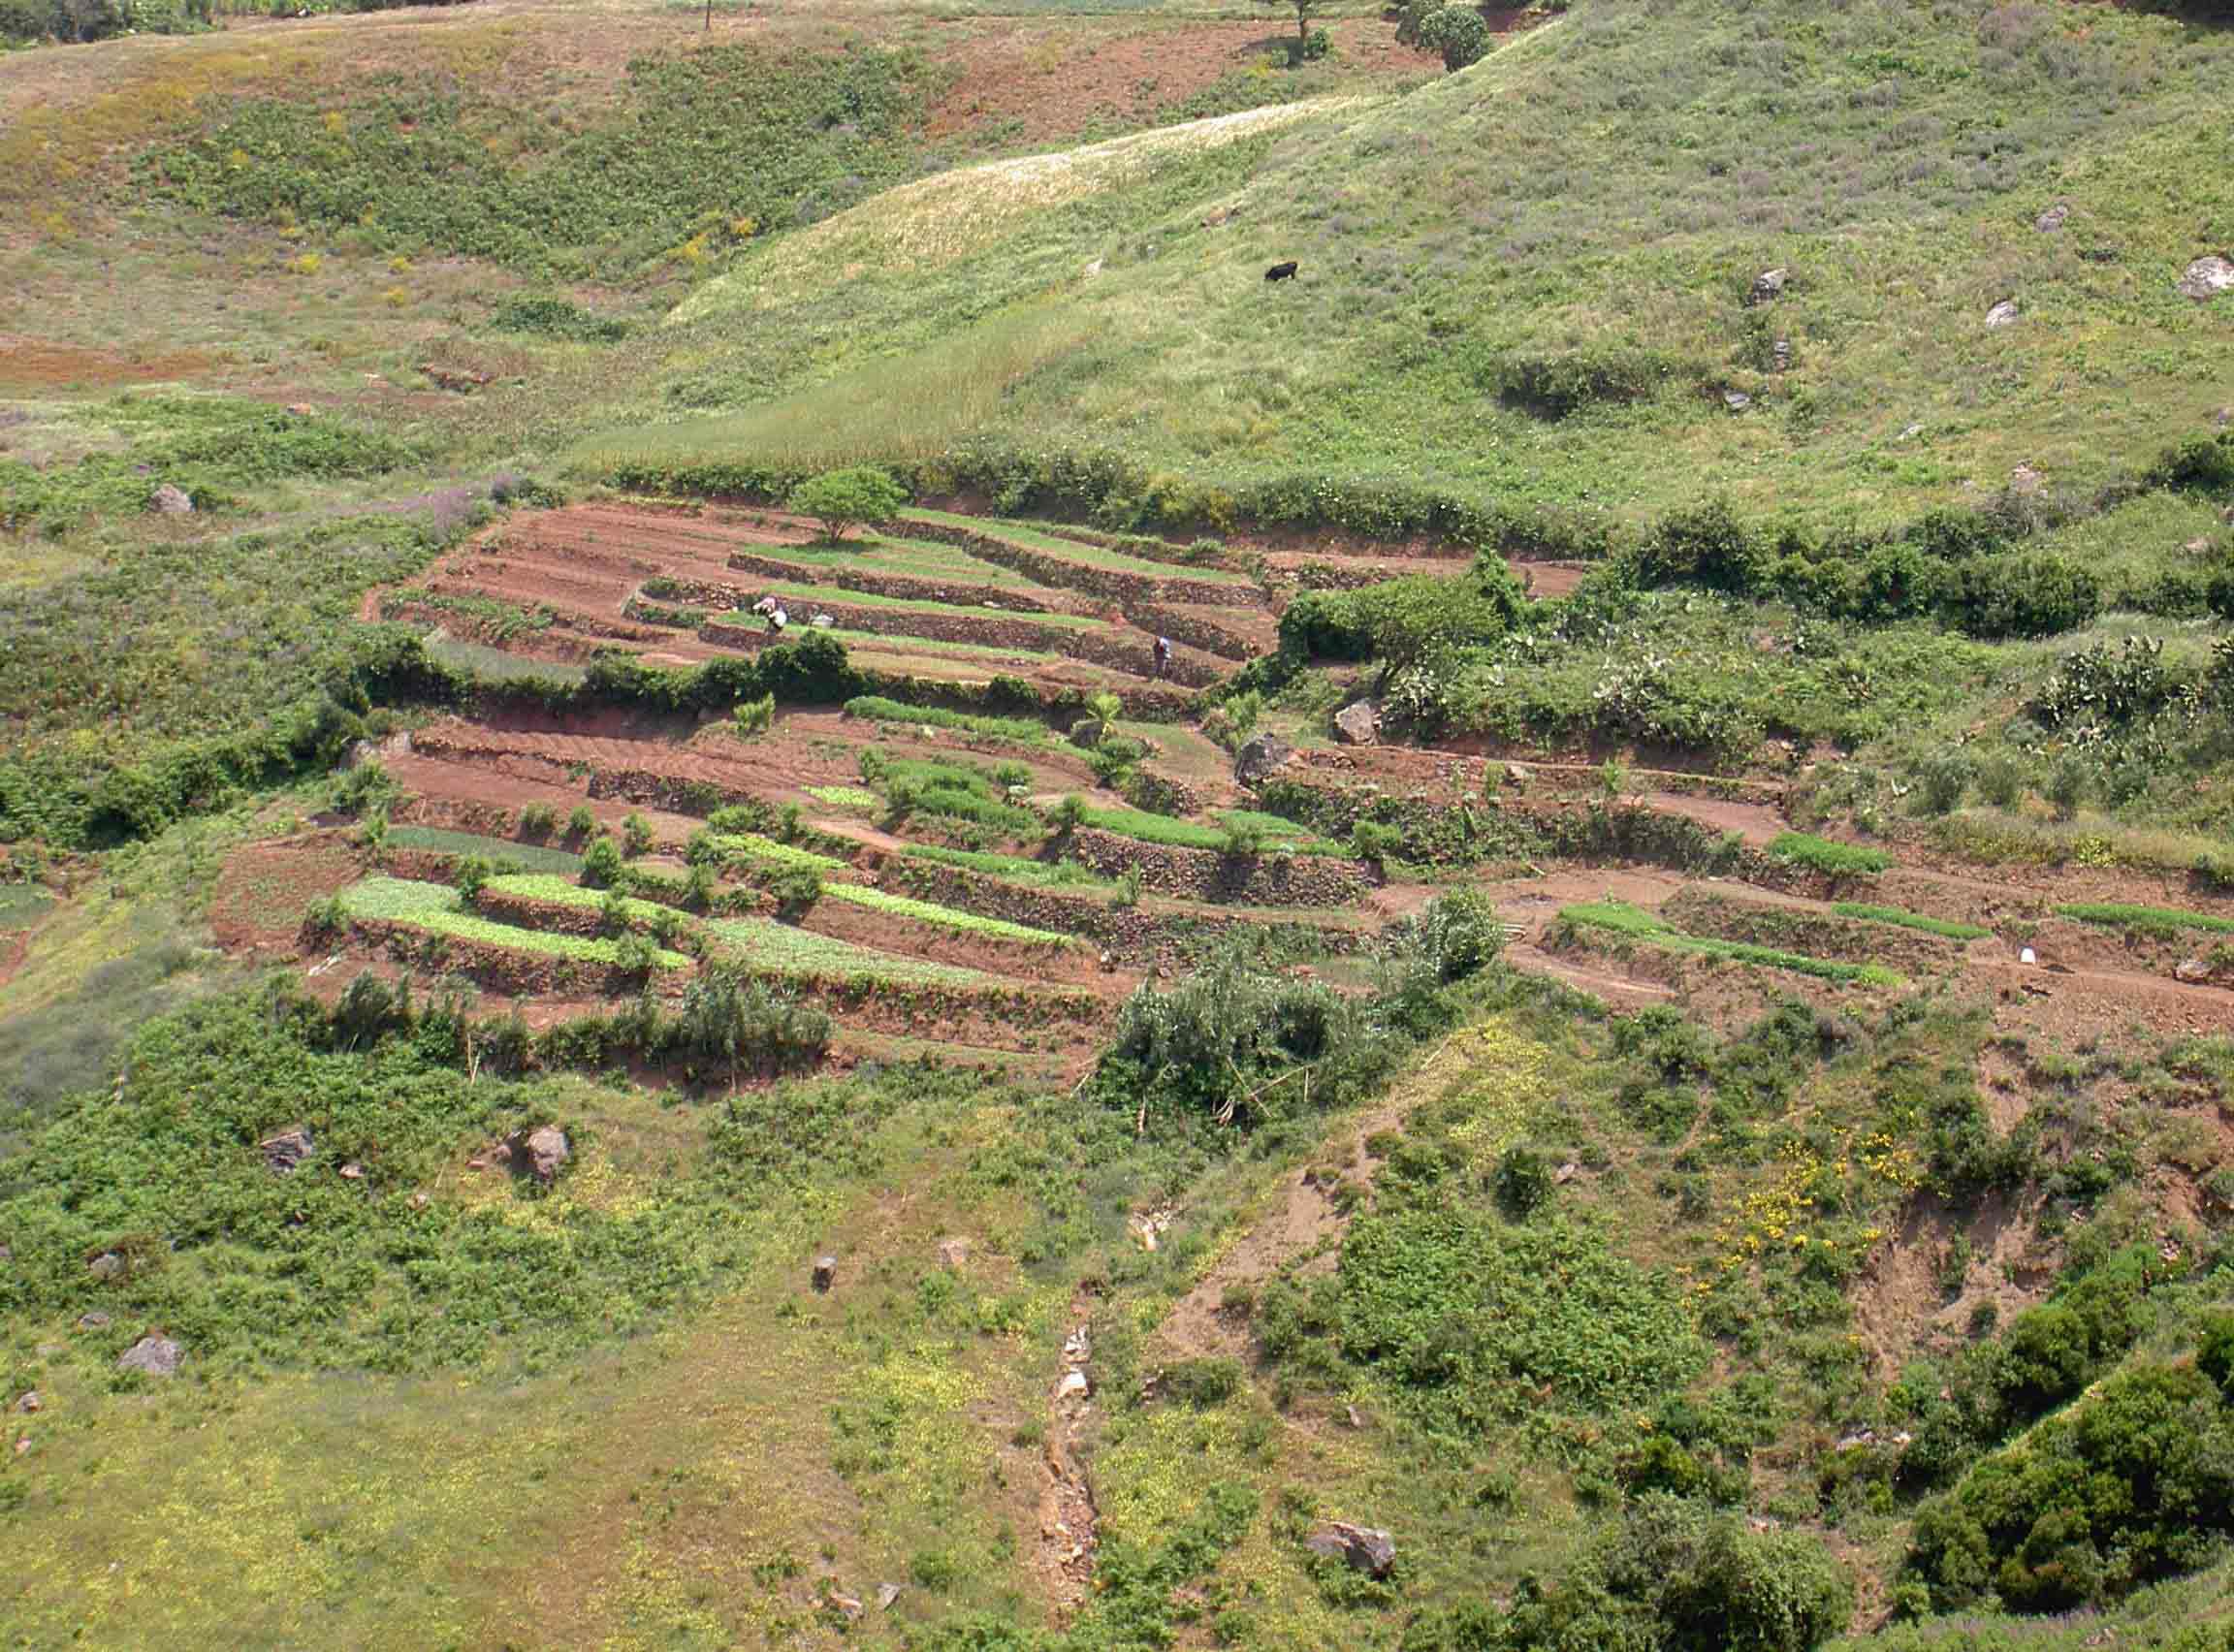 Las terrazas es la mejor forma de sembrar en terrenos inclinados